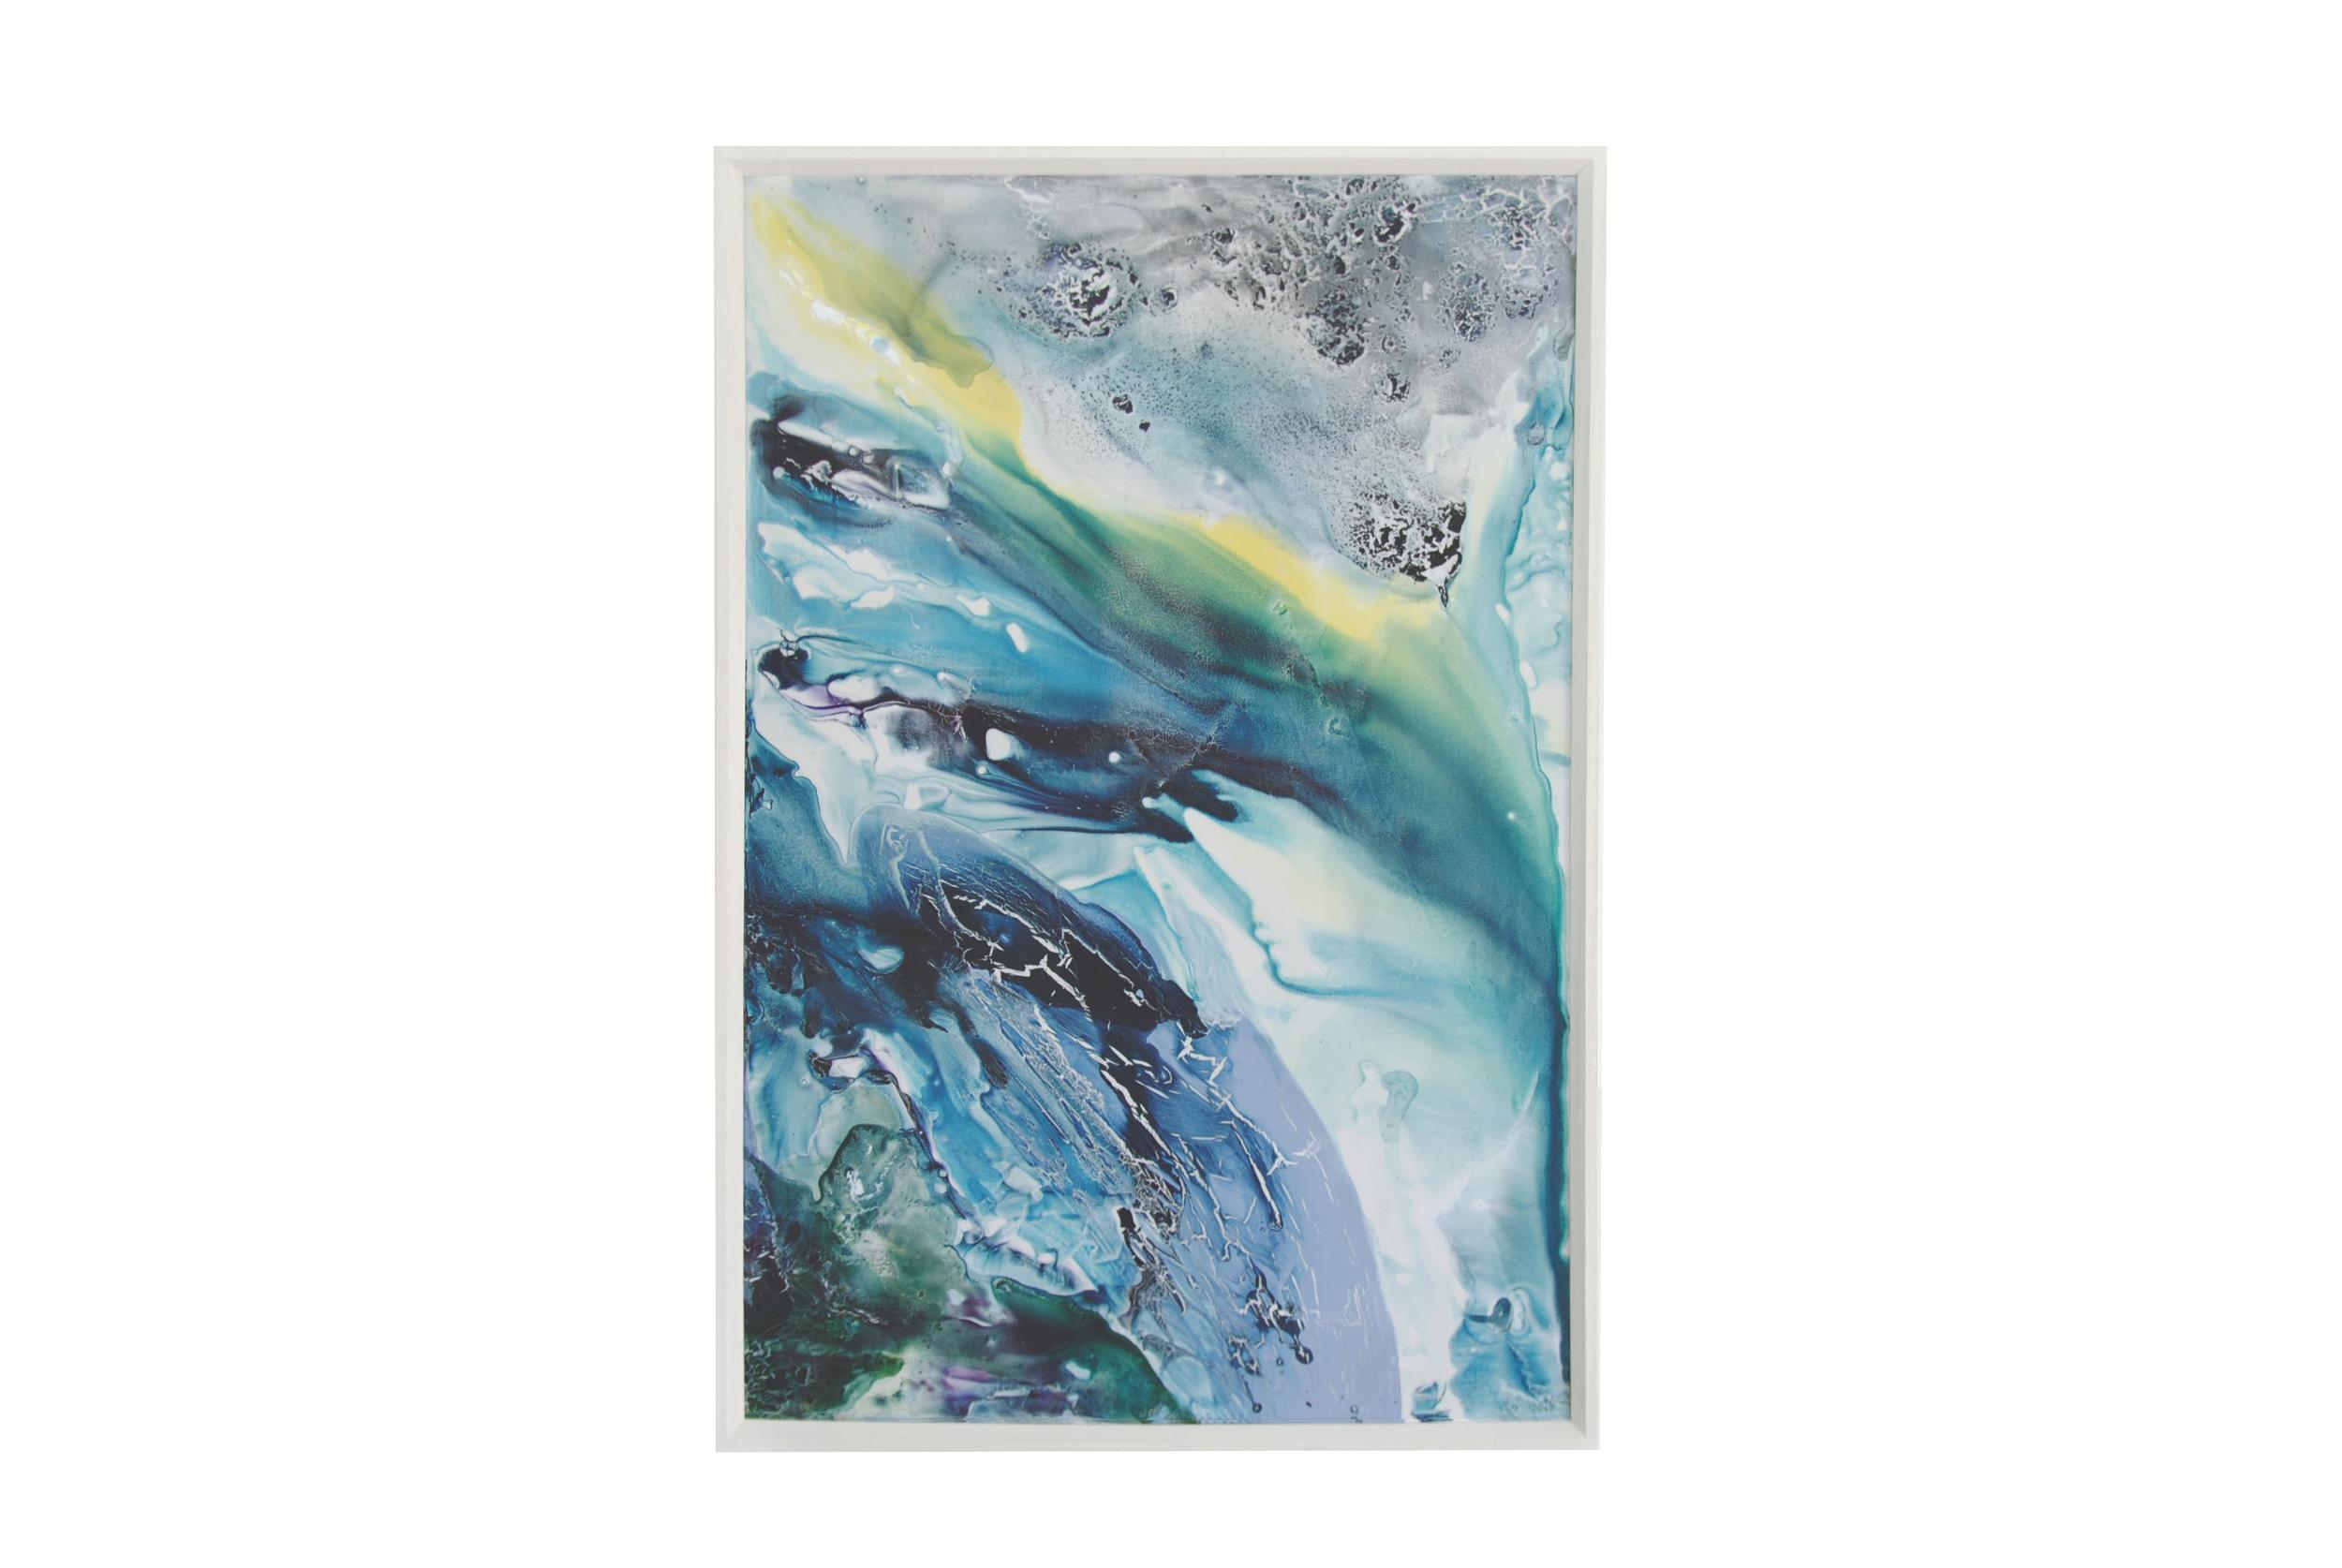 Tides In, 90x60cm